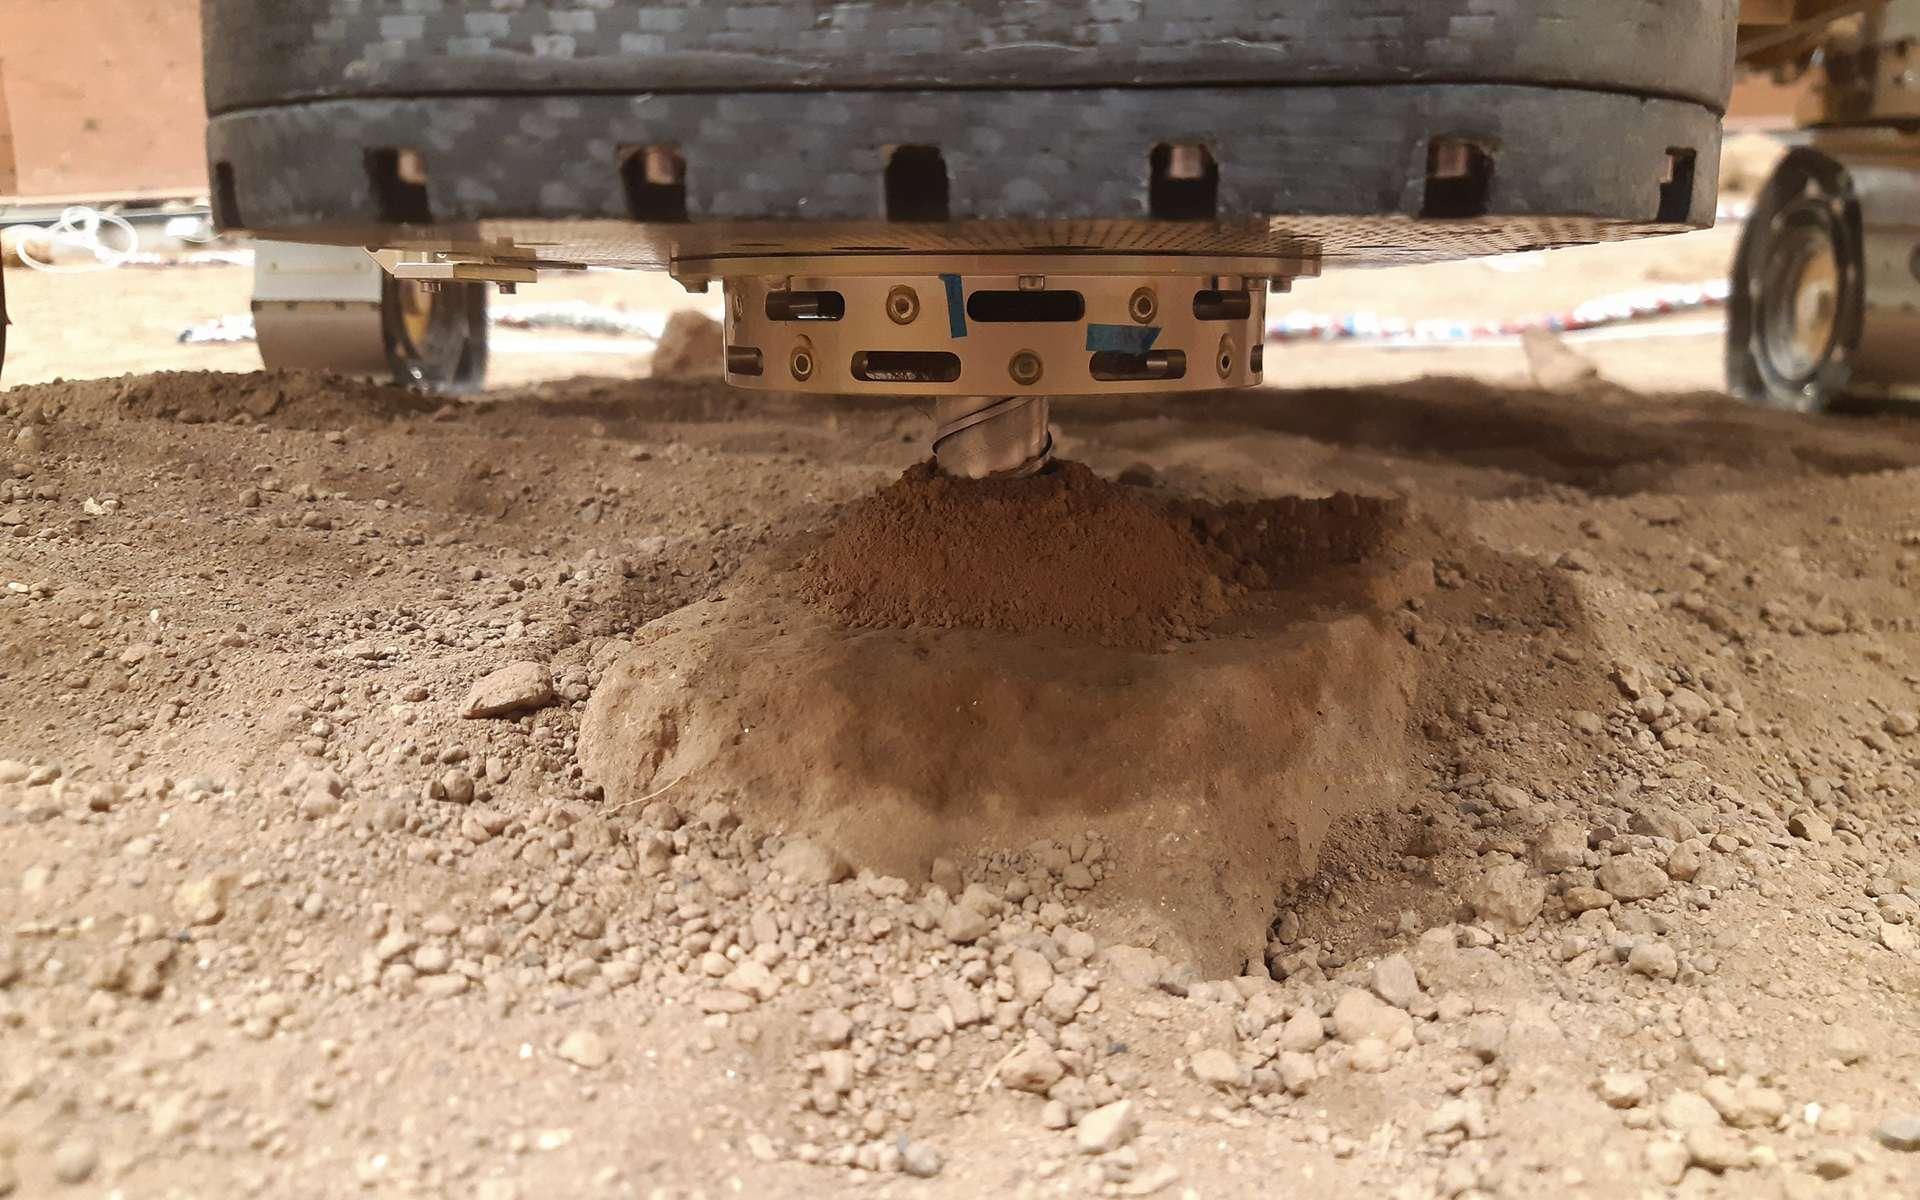 Essais de fonctionnement et d'utilisation du foret du rover ExoMars. Le jumeau du rover Rosalind Franklin de l'ESA a foré et extrait des échantillons à 1,7 mètre de profondeur. © Thales Alenia Space